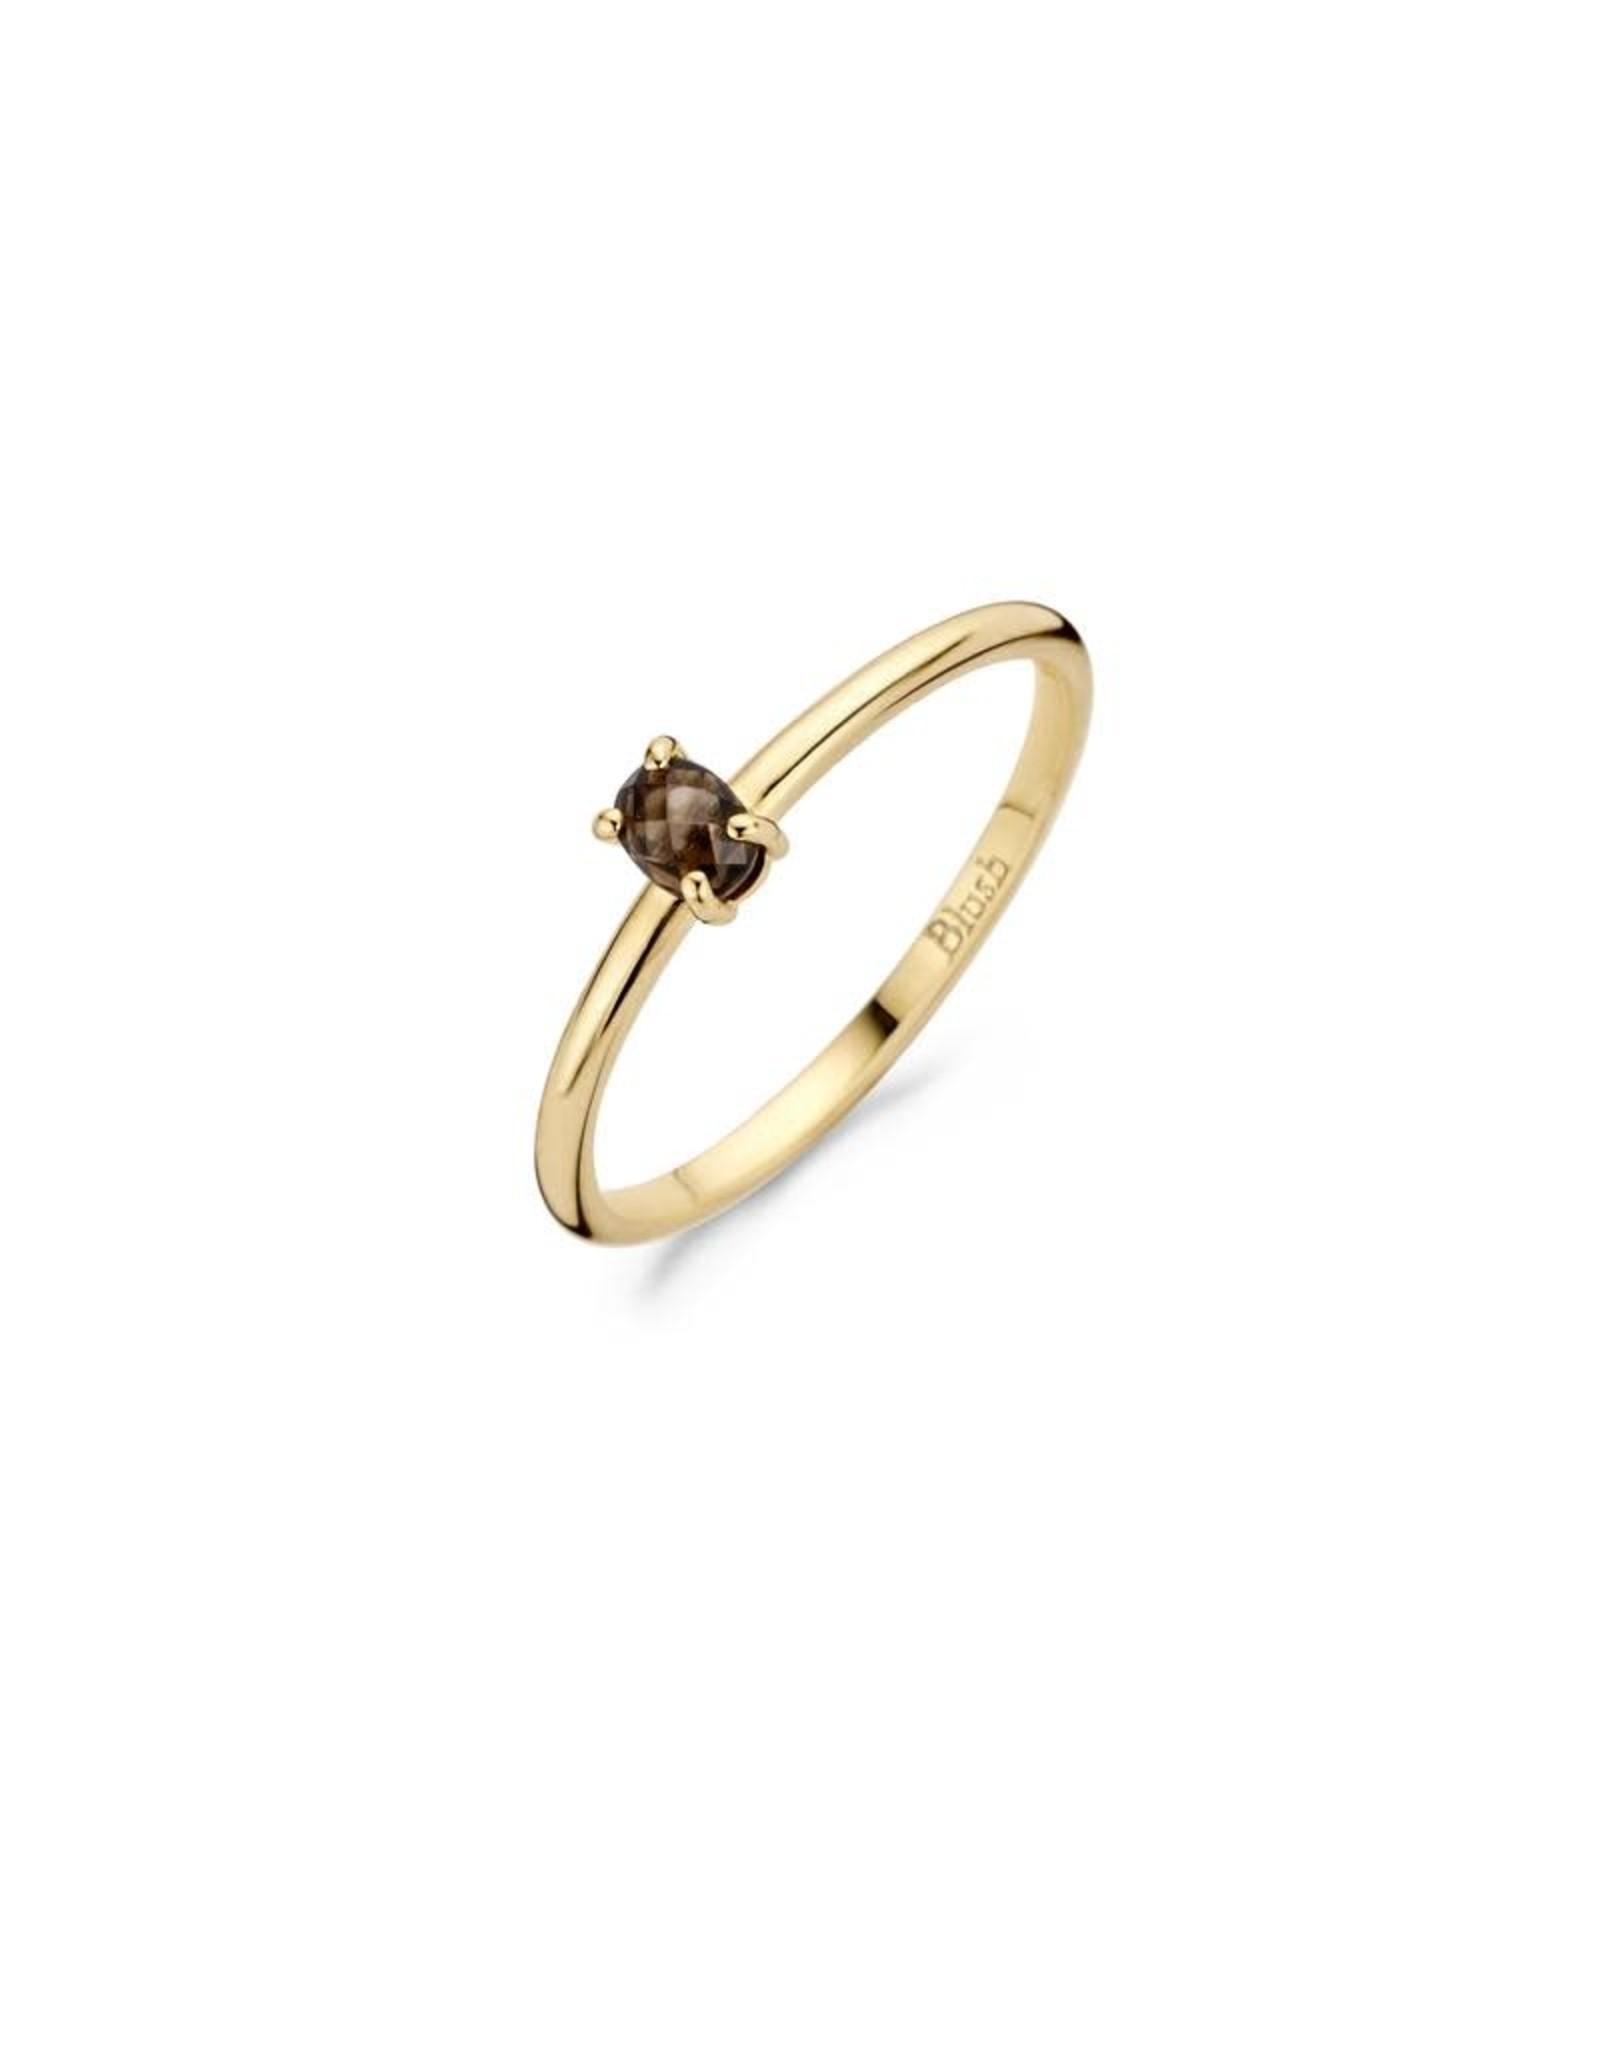 Blush Ring Blush geel goud 14kt 1204YSQ rook kwarts maat 54